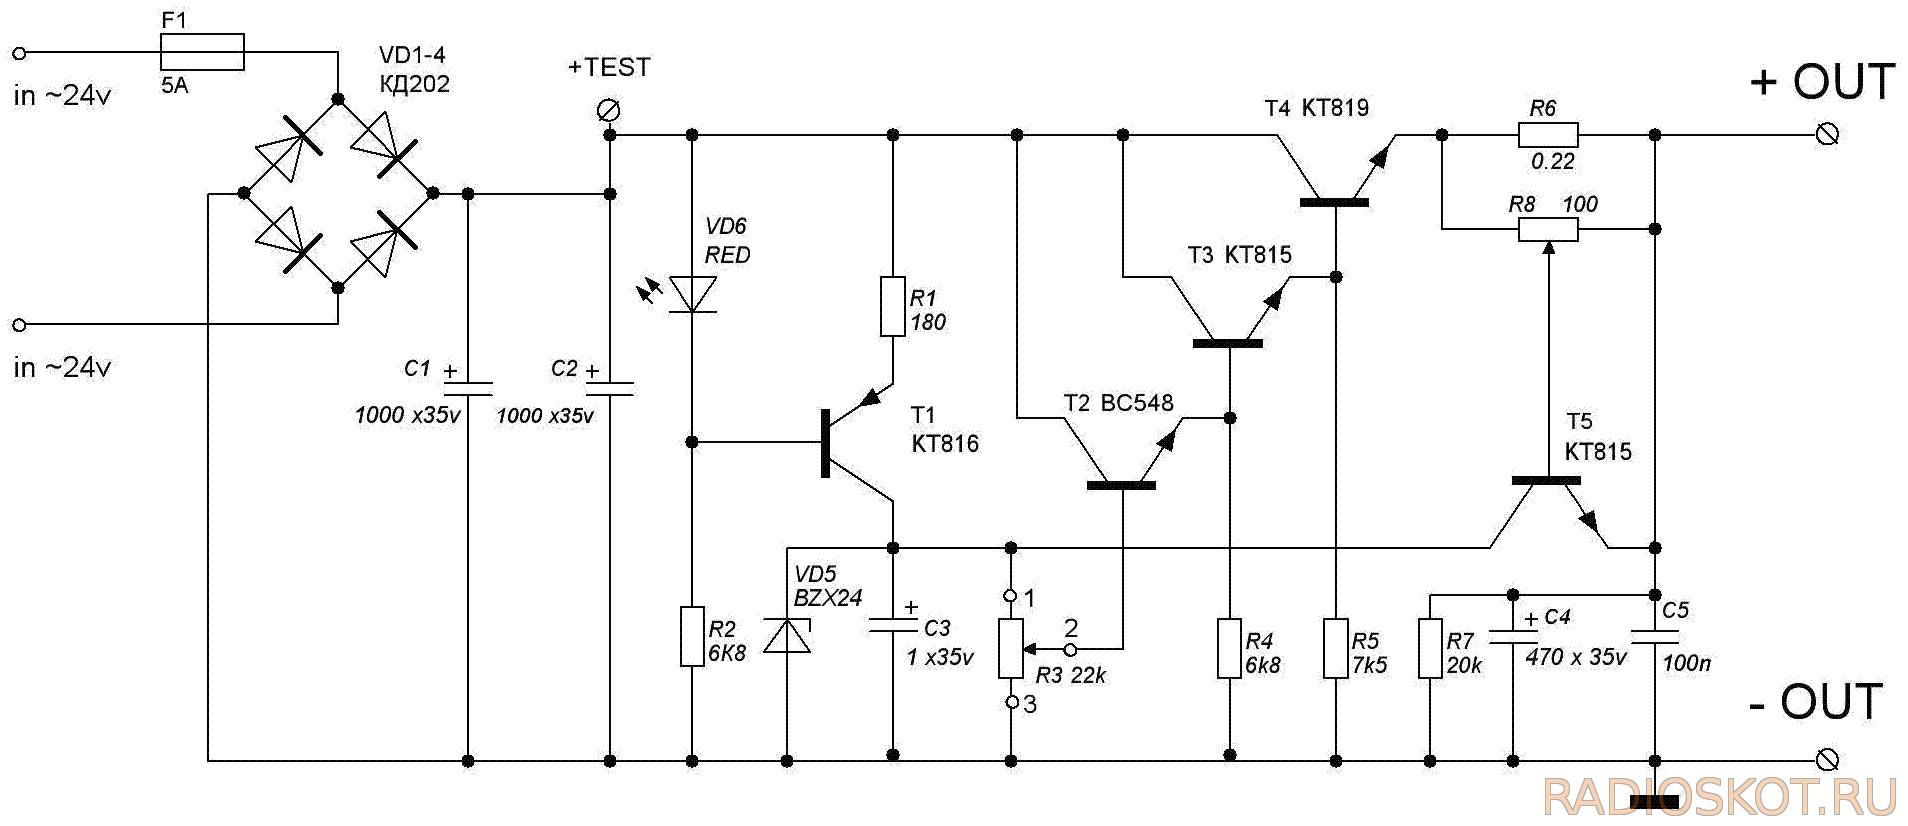 Схема БП с регулировкой тока и напряжения